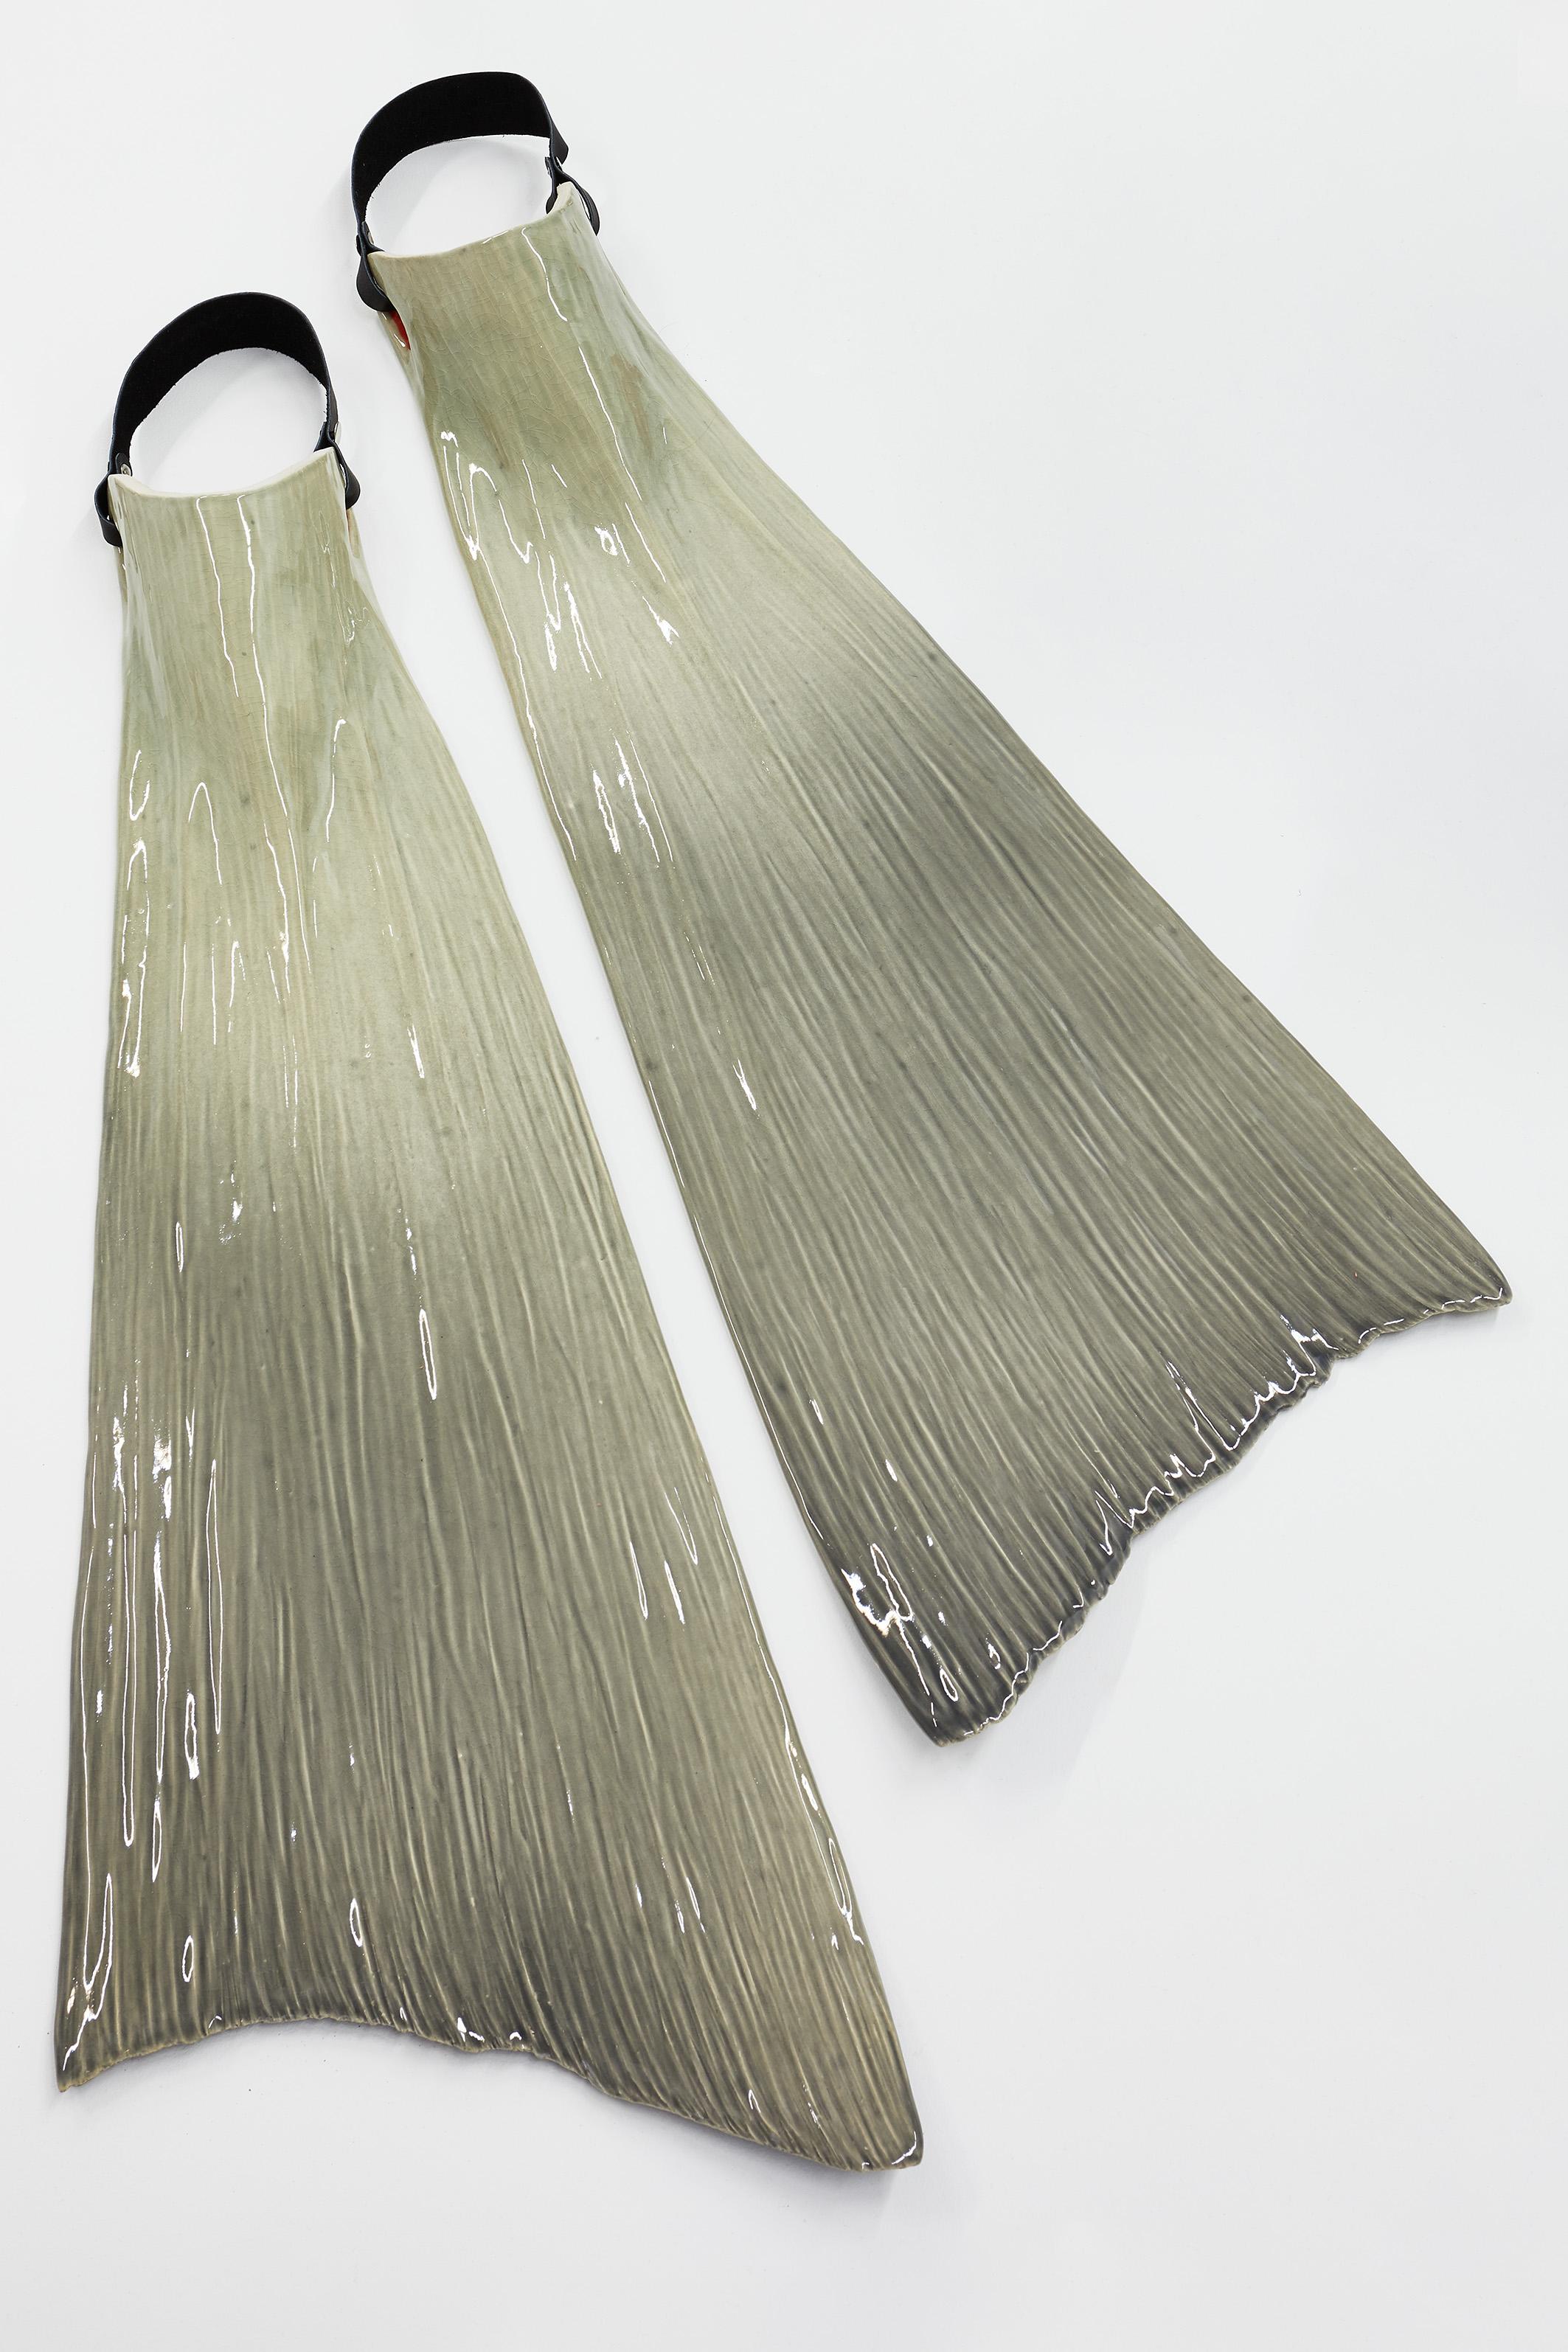 ELSA GUILLAUME, TRIPLE KIT N°21, 2019, 92 x 32 x 10 cm, Céramique émaillée, cuir, rivets. Ensemble de deux.